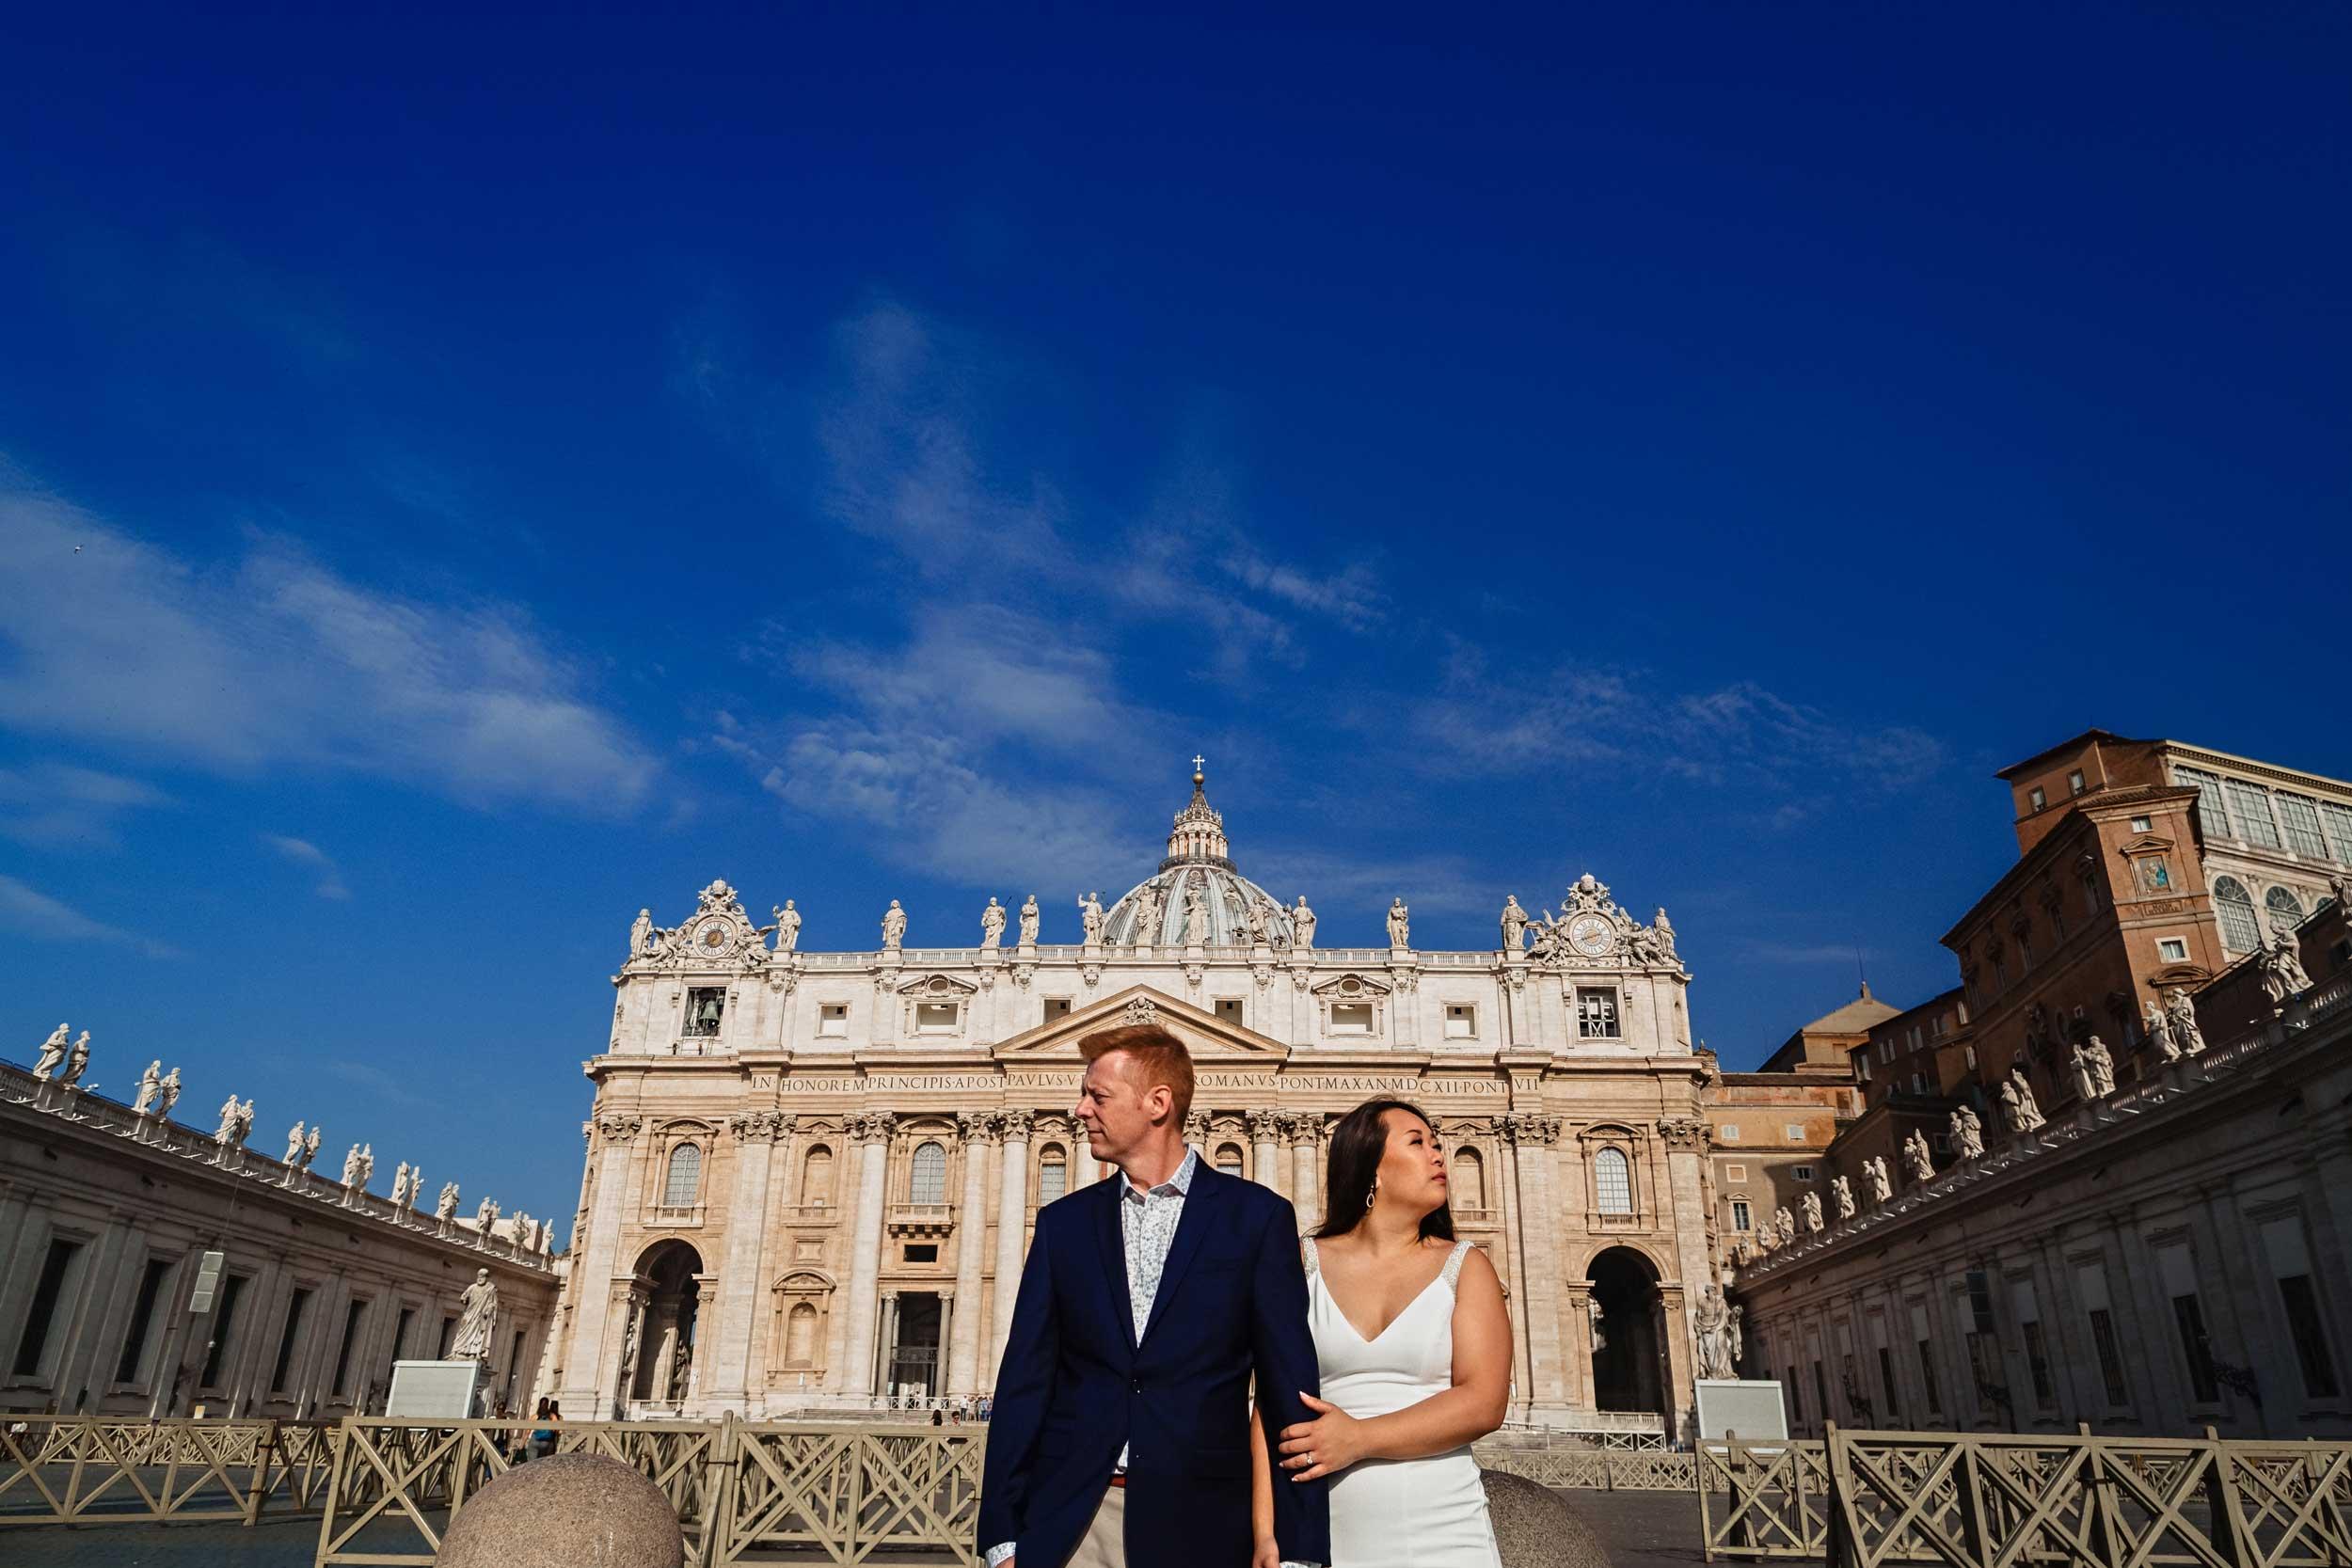 Philadelphia-Wedding-Photography-Studio-Morina-Photography-0021.jpg